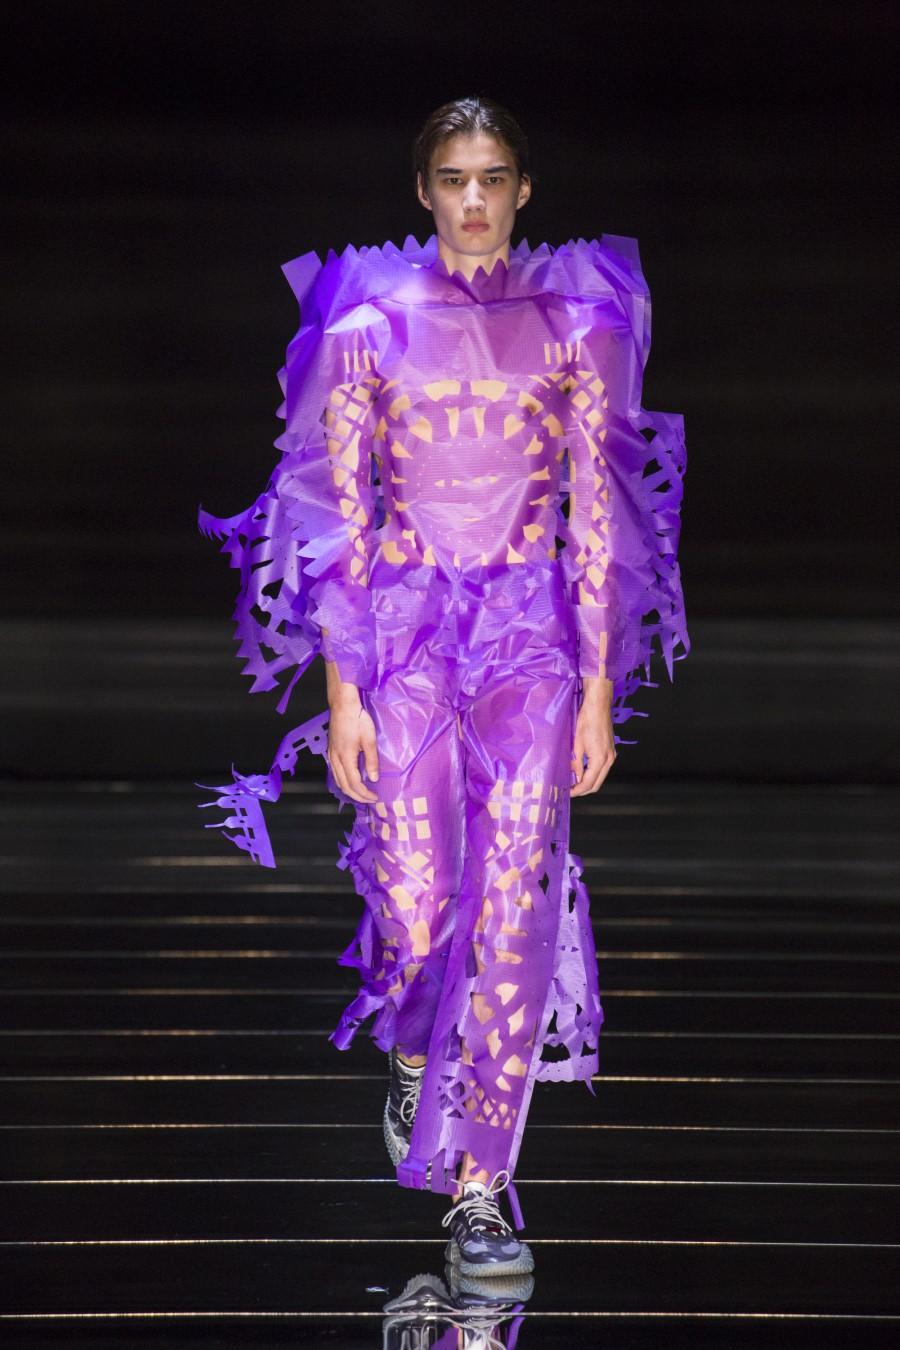 Craig Green - Printemps-Été 2020 - London Fashion Week Men's